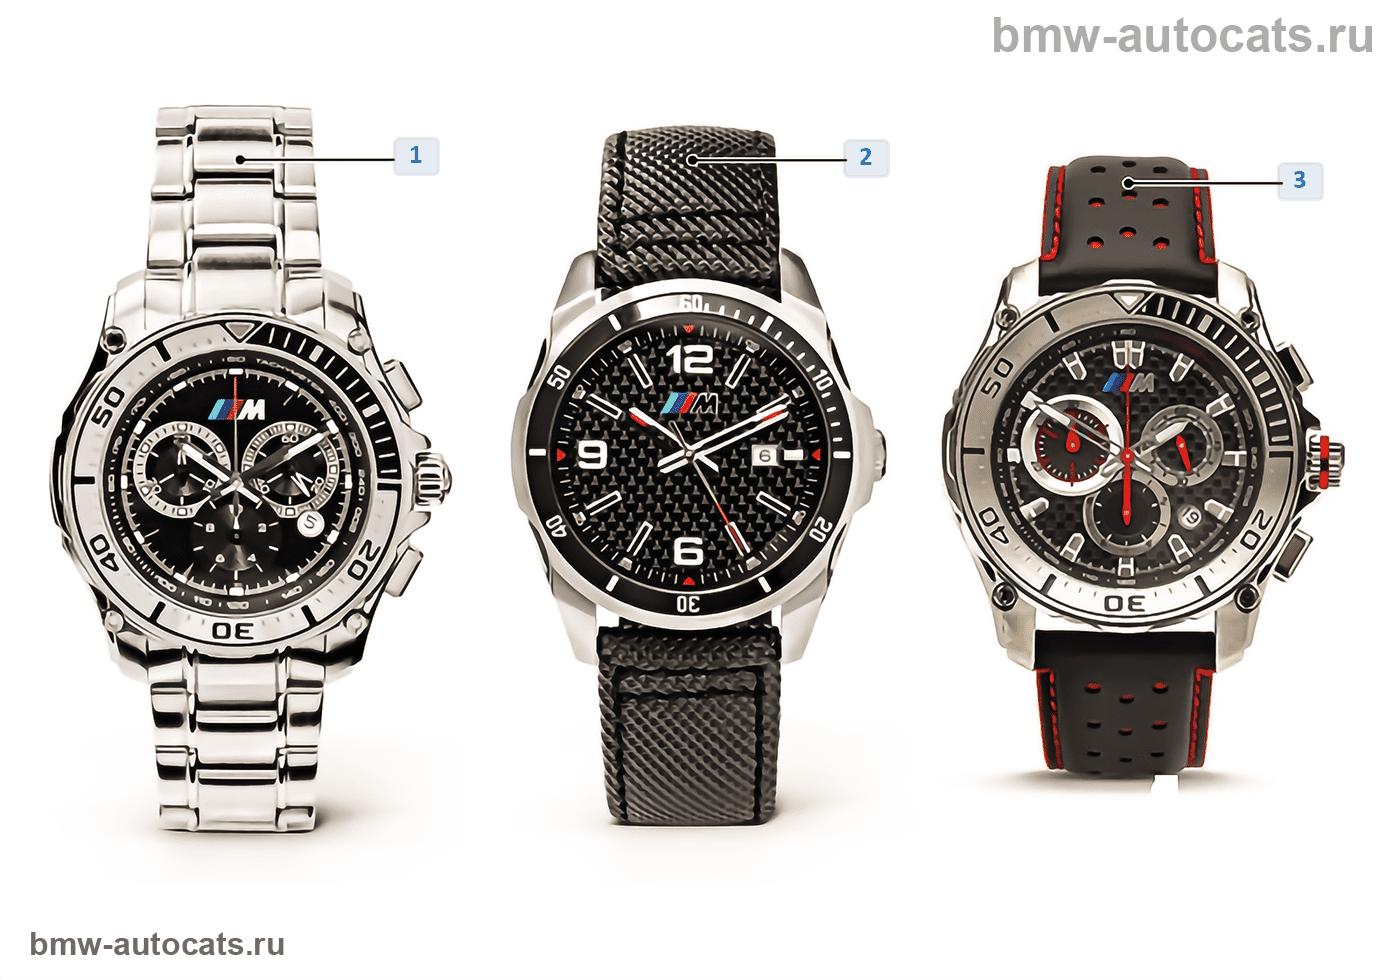 Зап.части BMW — часы M 13/14 и 14/16